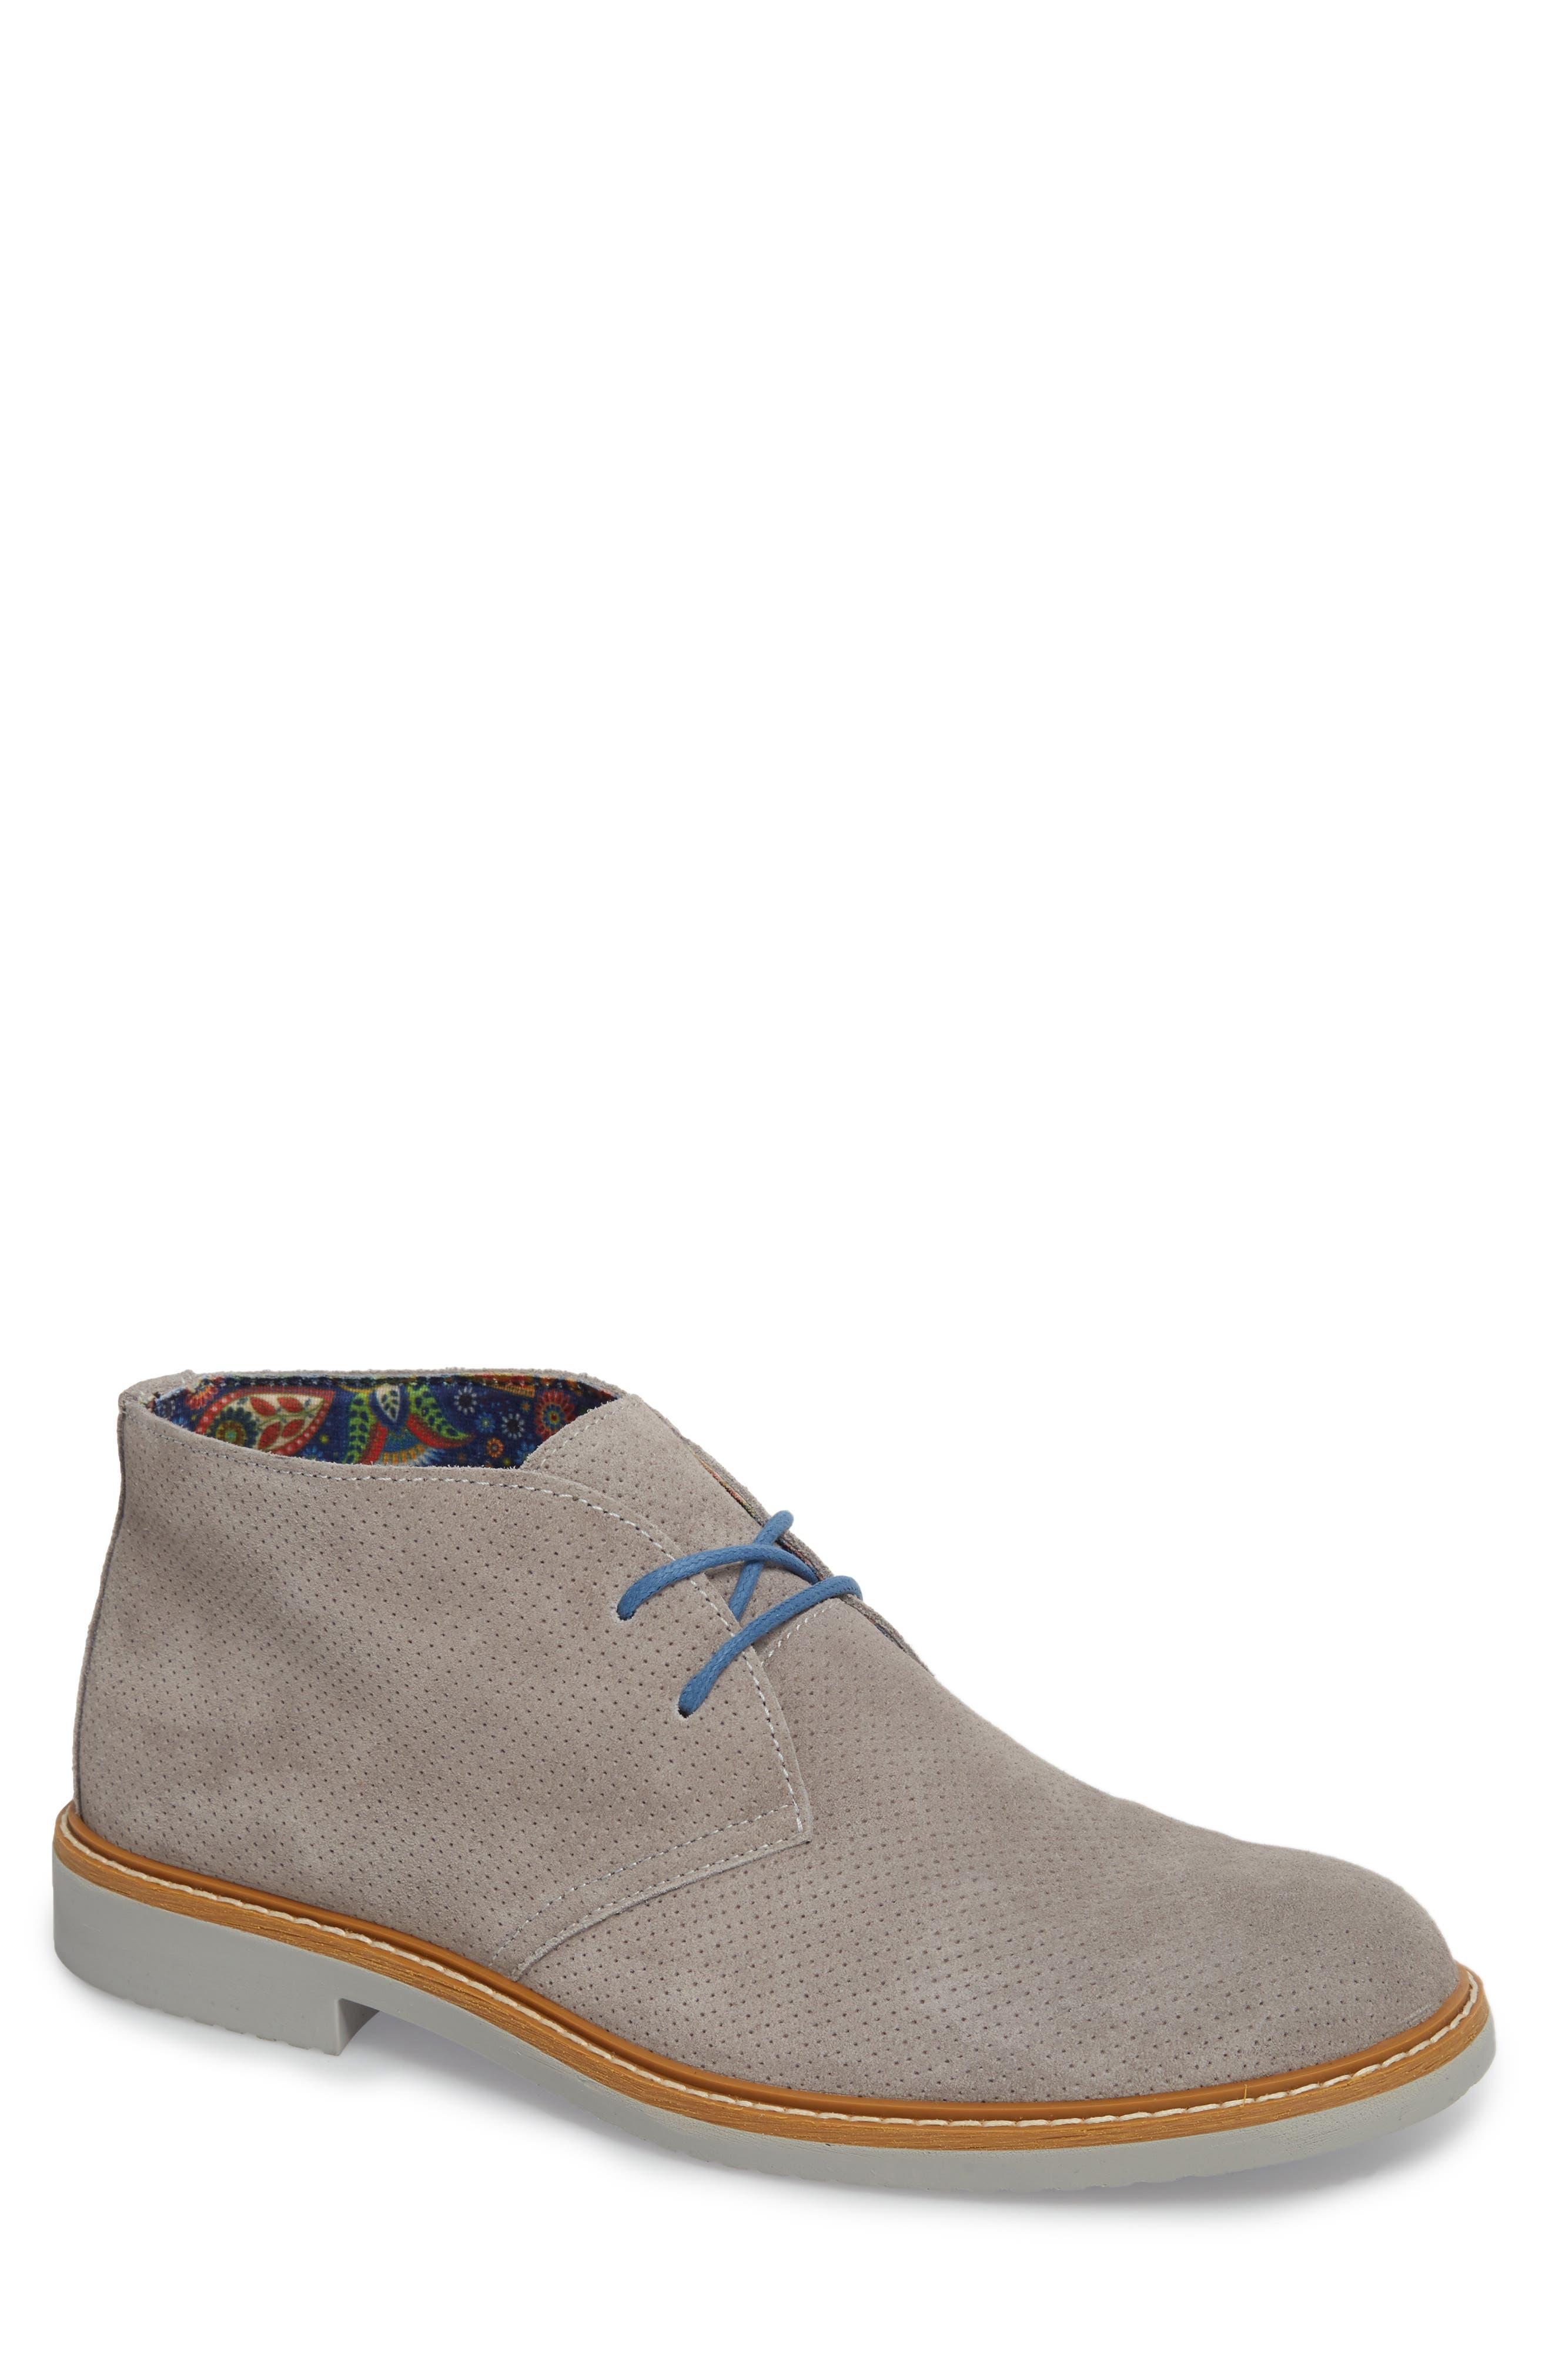 Bayside Perforated Chukka Boot,                             Main thumbnail 1, color,